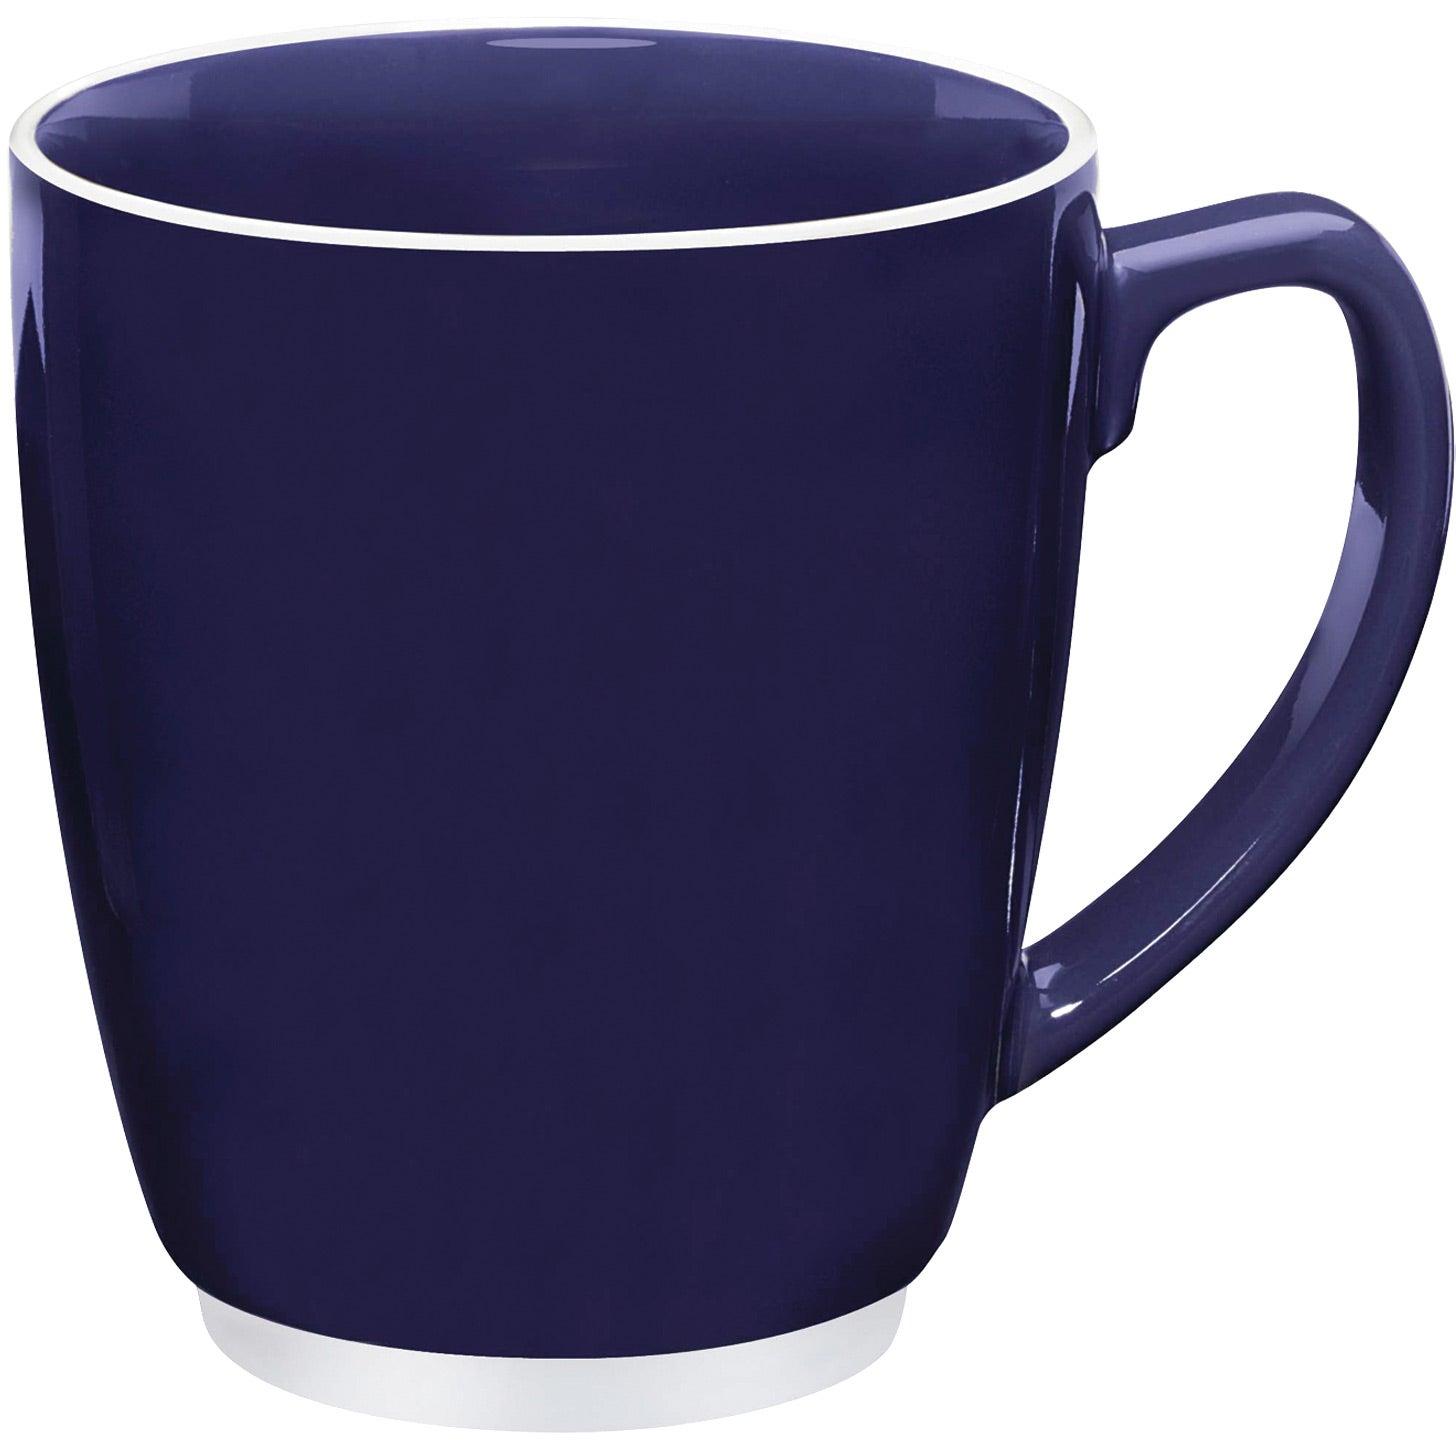 large color bistro with accent mug 16 oz custom ceramic mugs. Black Bedroom Furniture Sets. Home Design Ideas